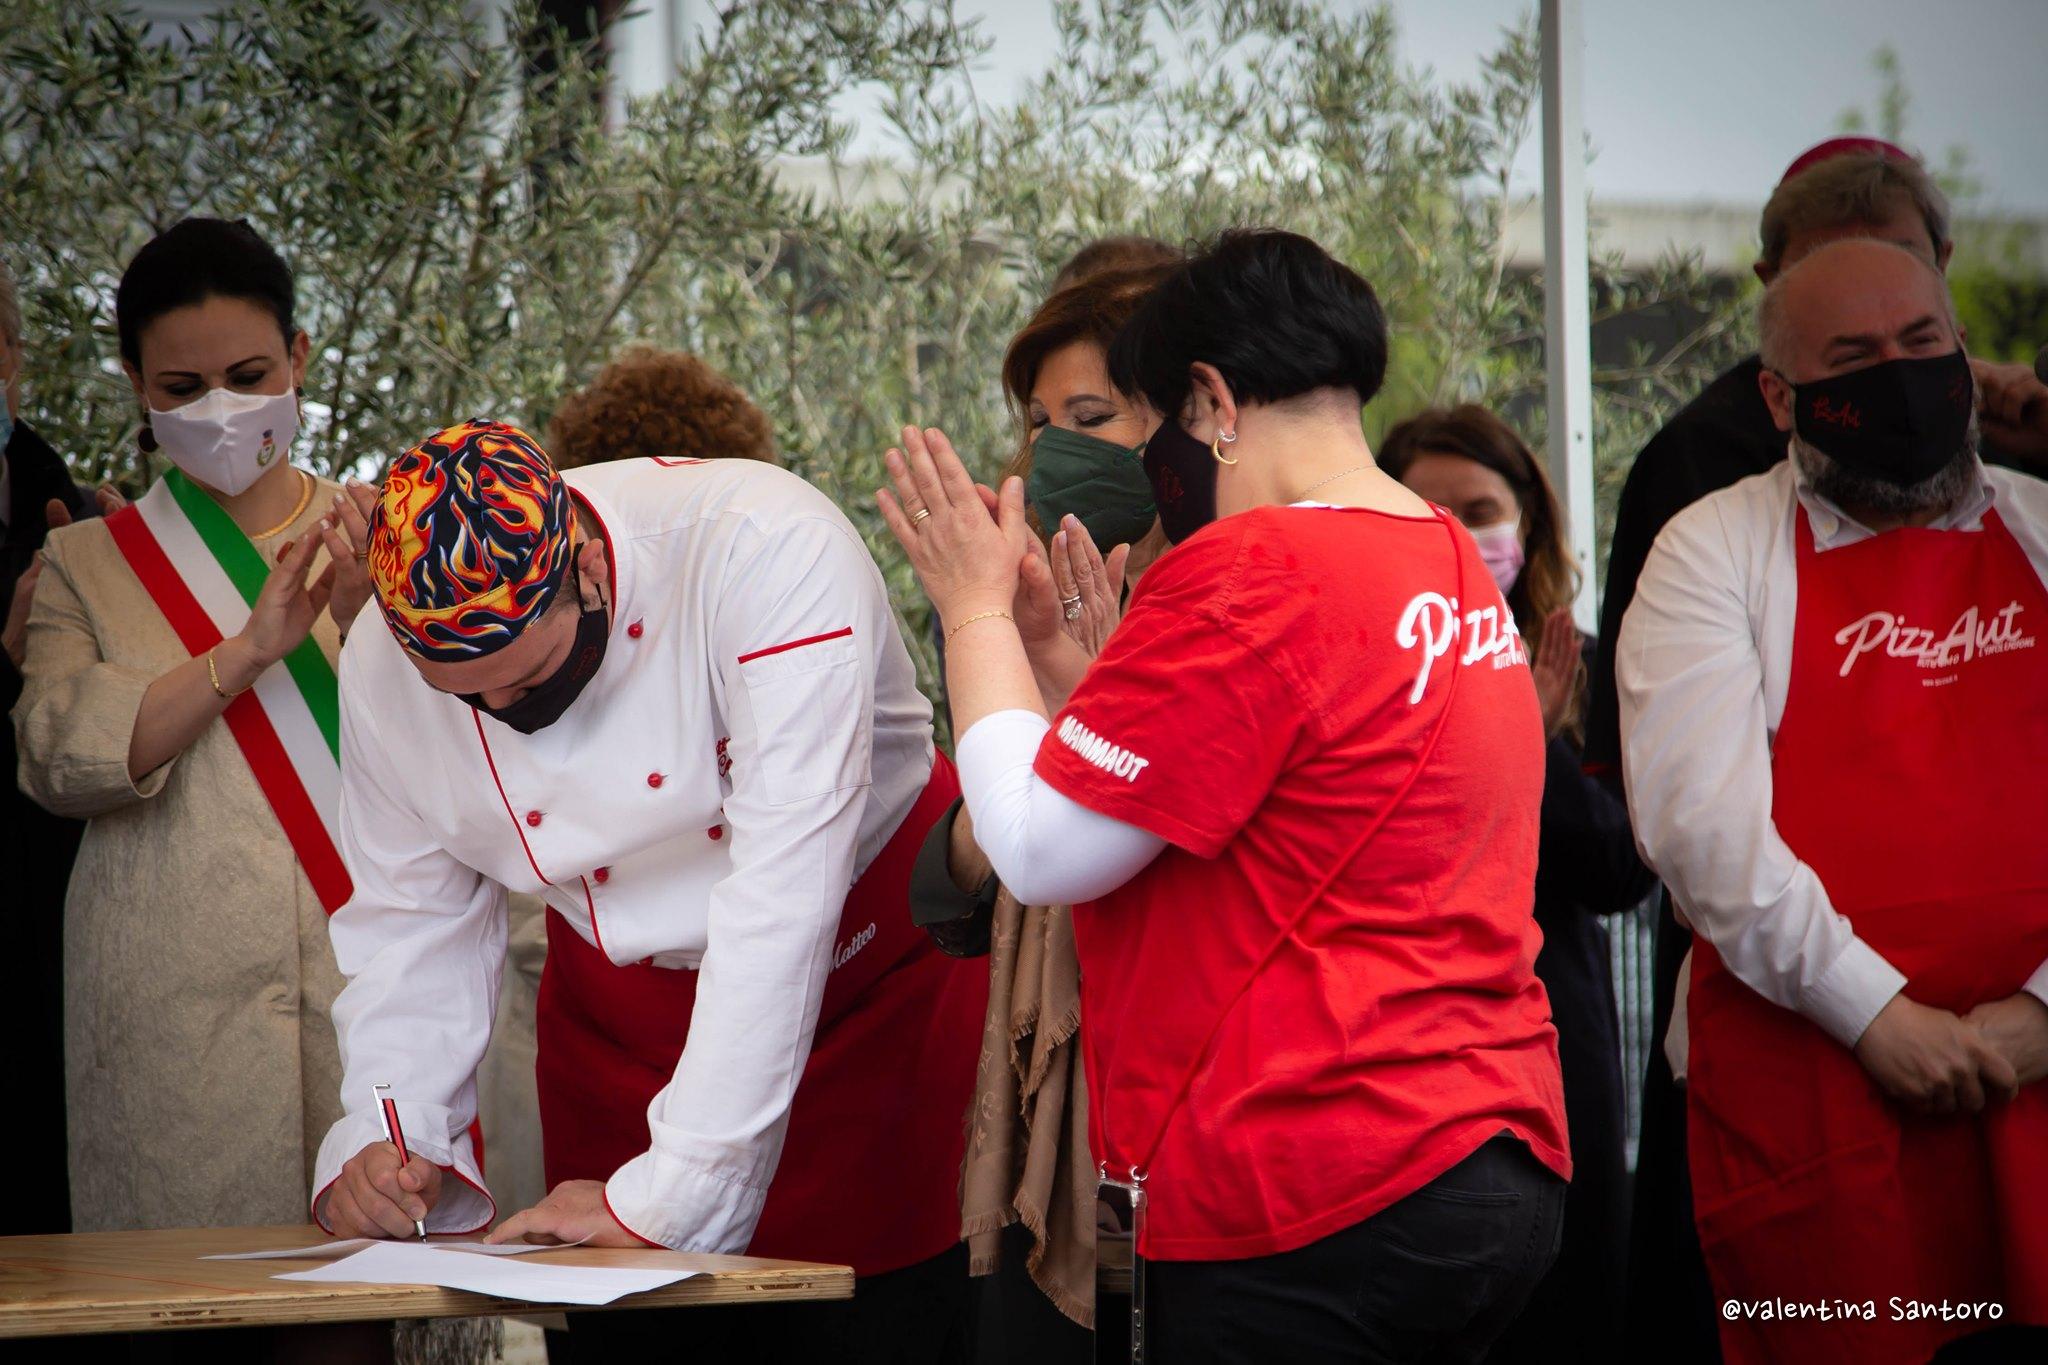 PizzAut, i ragazzi firmano il contratto di lavoro il Primo Maggio